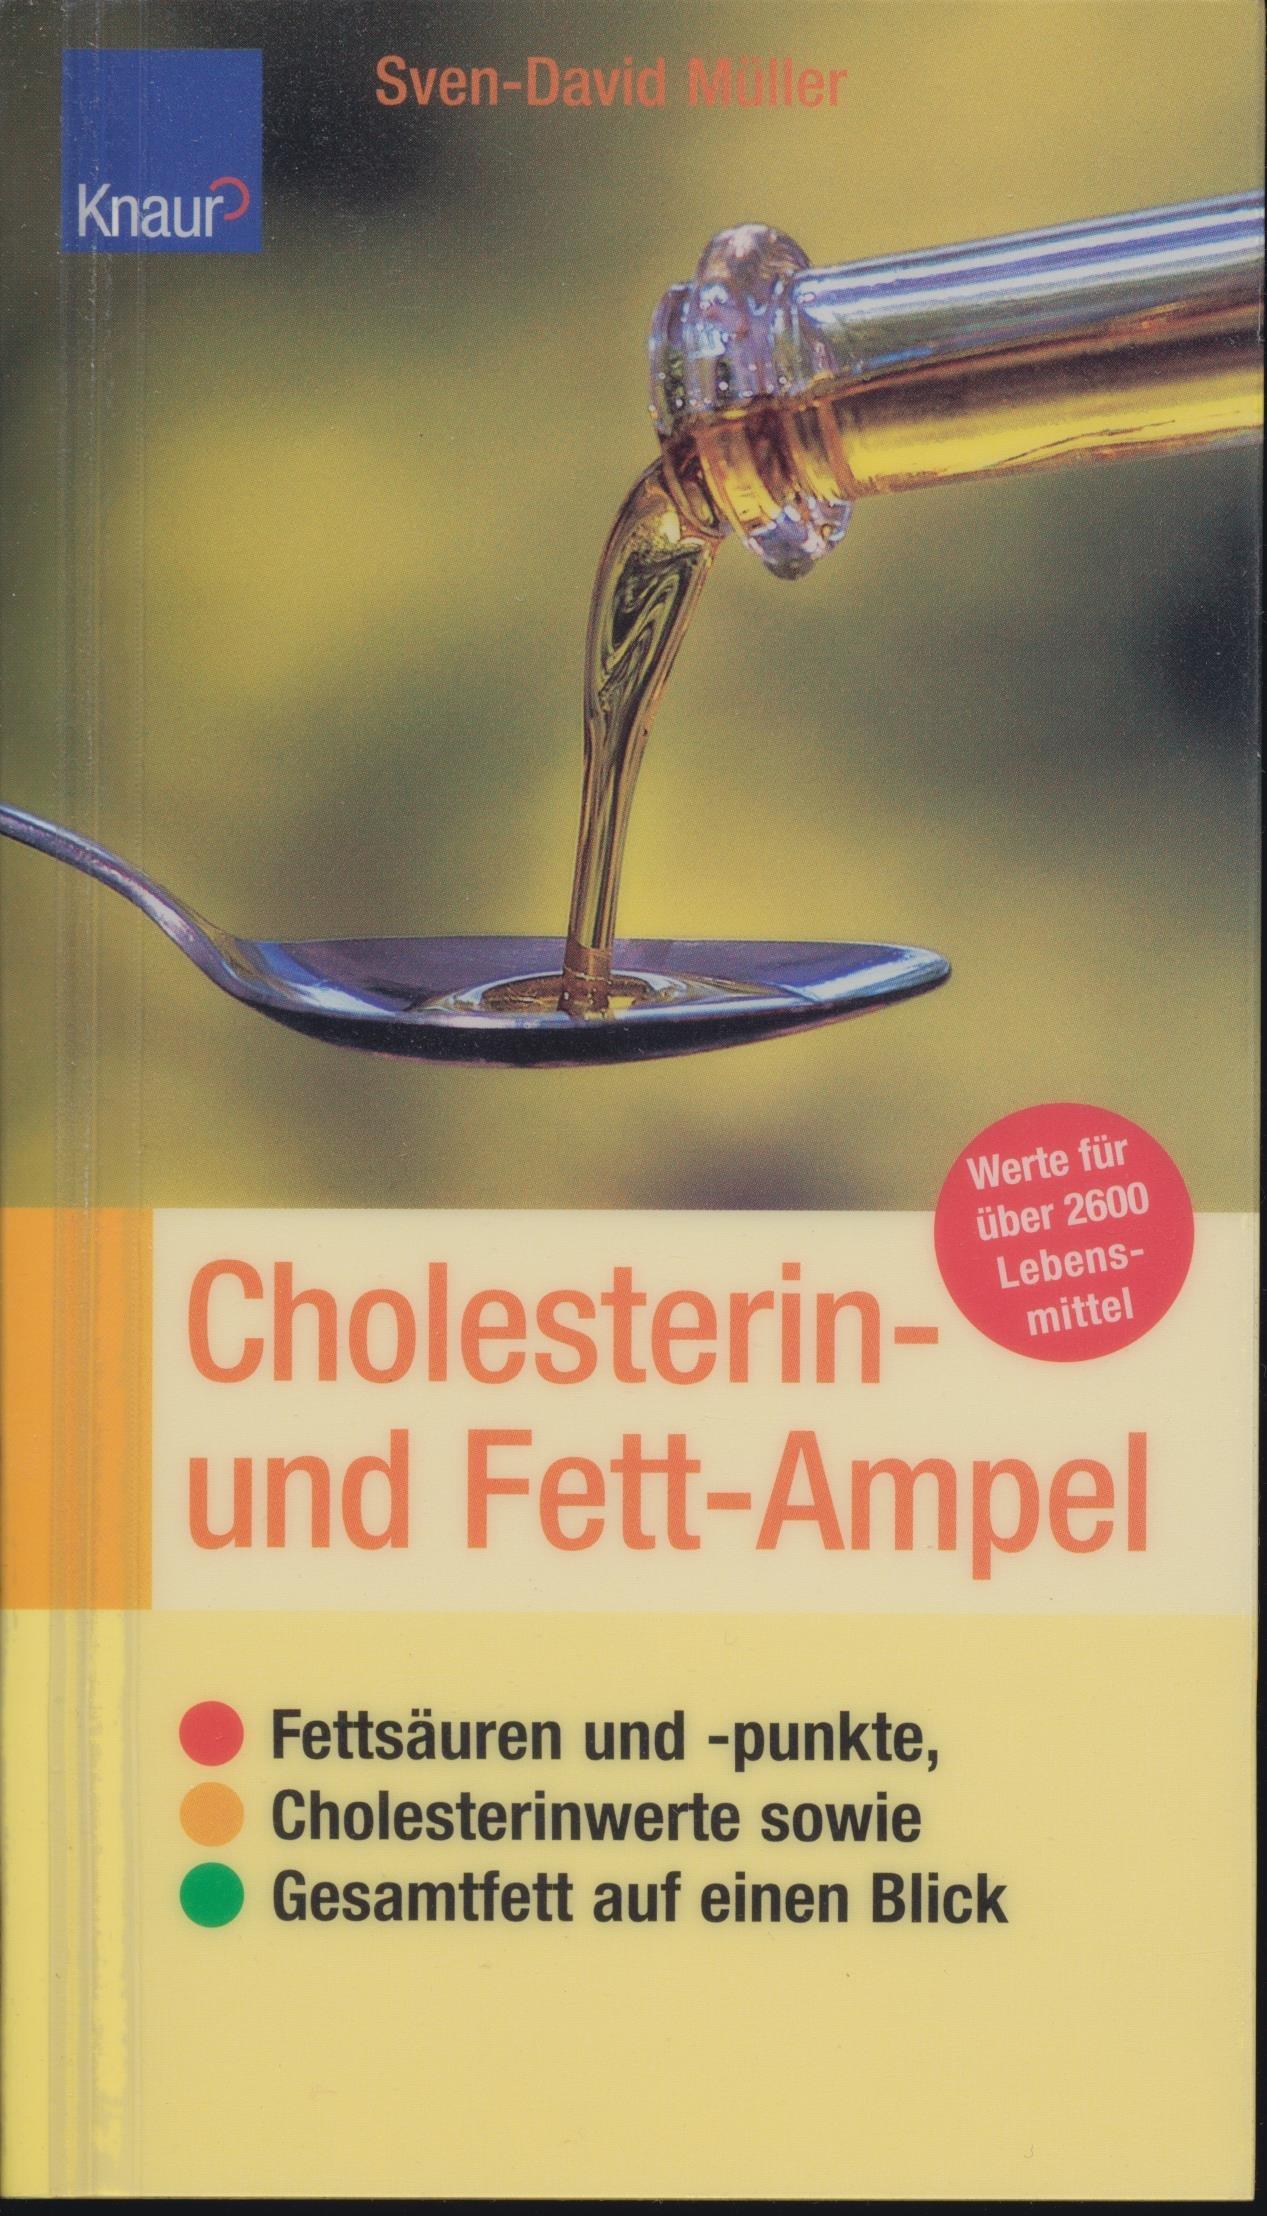 Cholesterin- und Fett-Ampel: Fettsäuren und -punkte, Cholesterinwerte sowie Gesamtfett auf einen Blick Werte für über 2.500 Lebensmittel